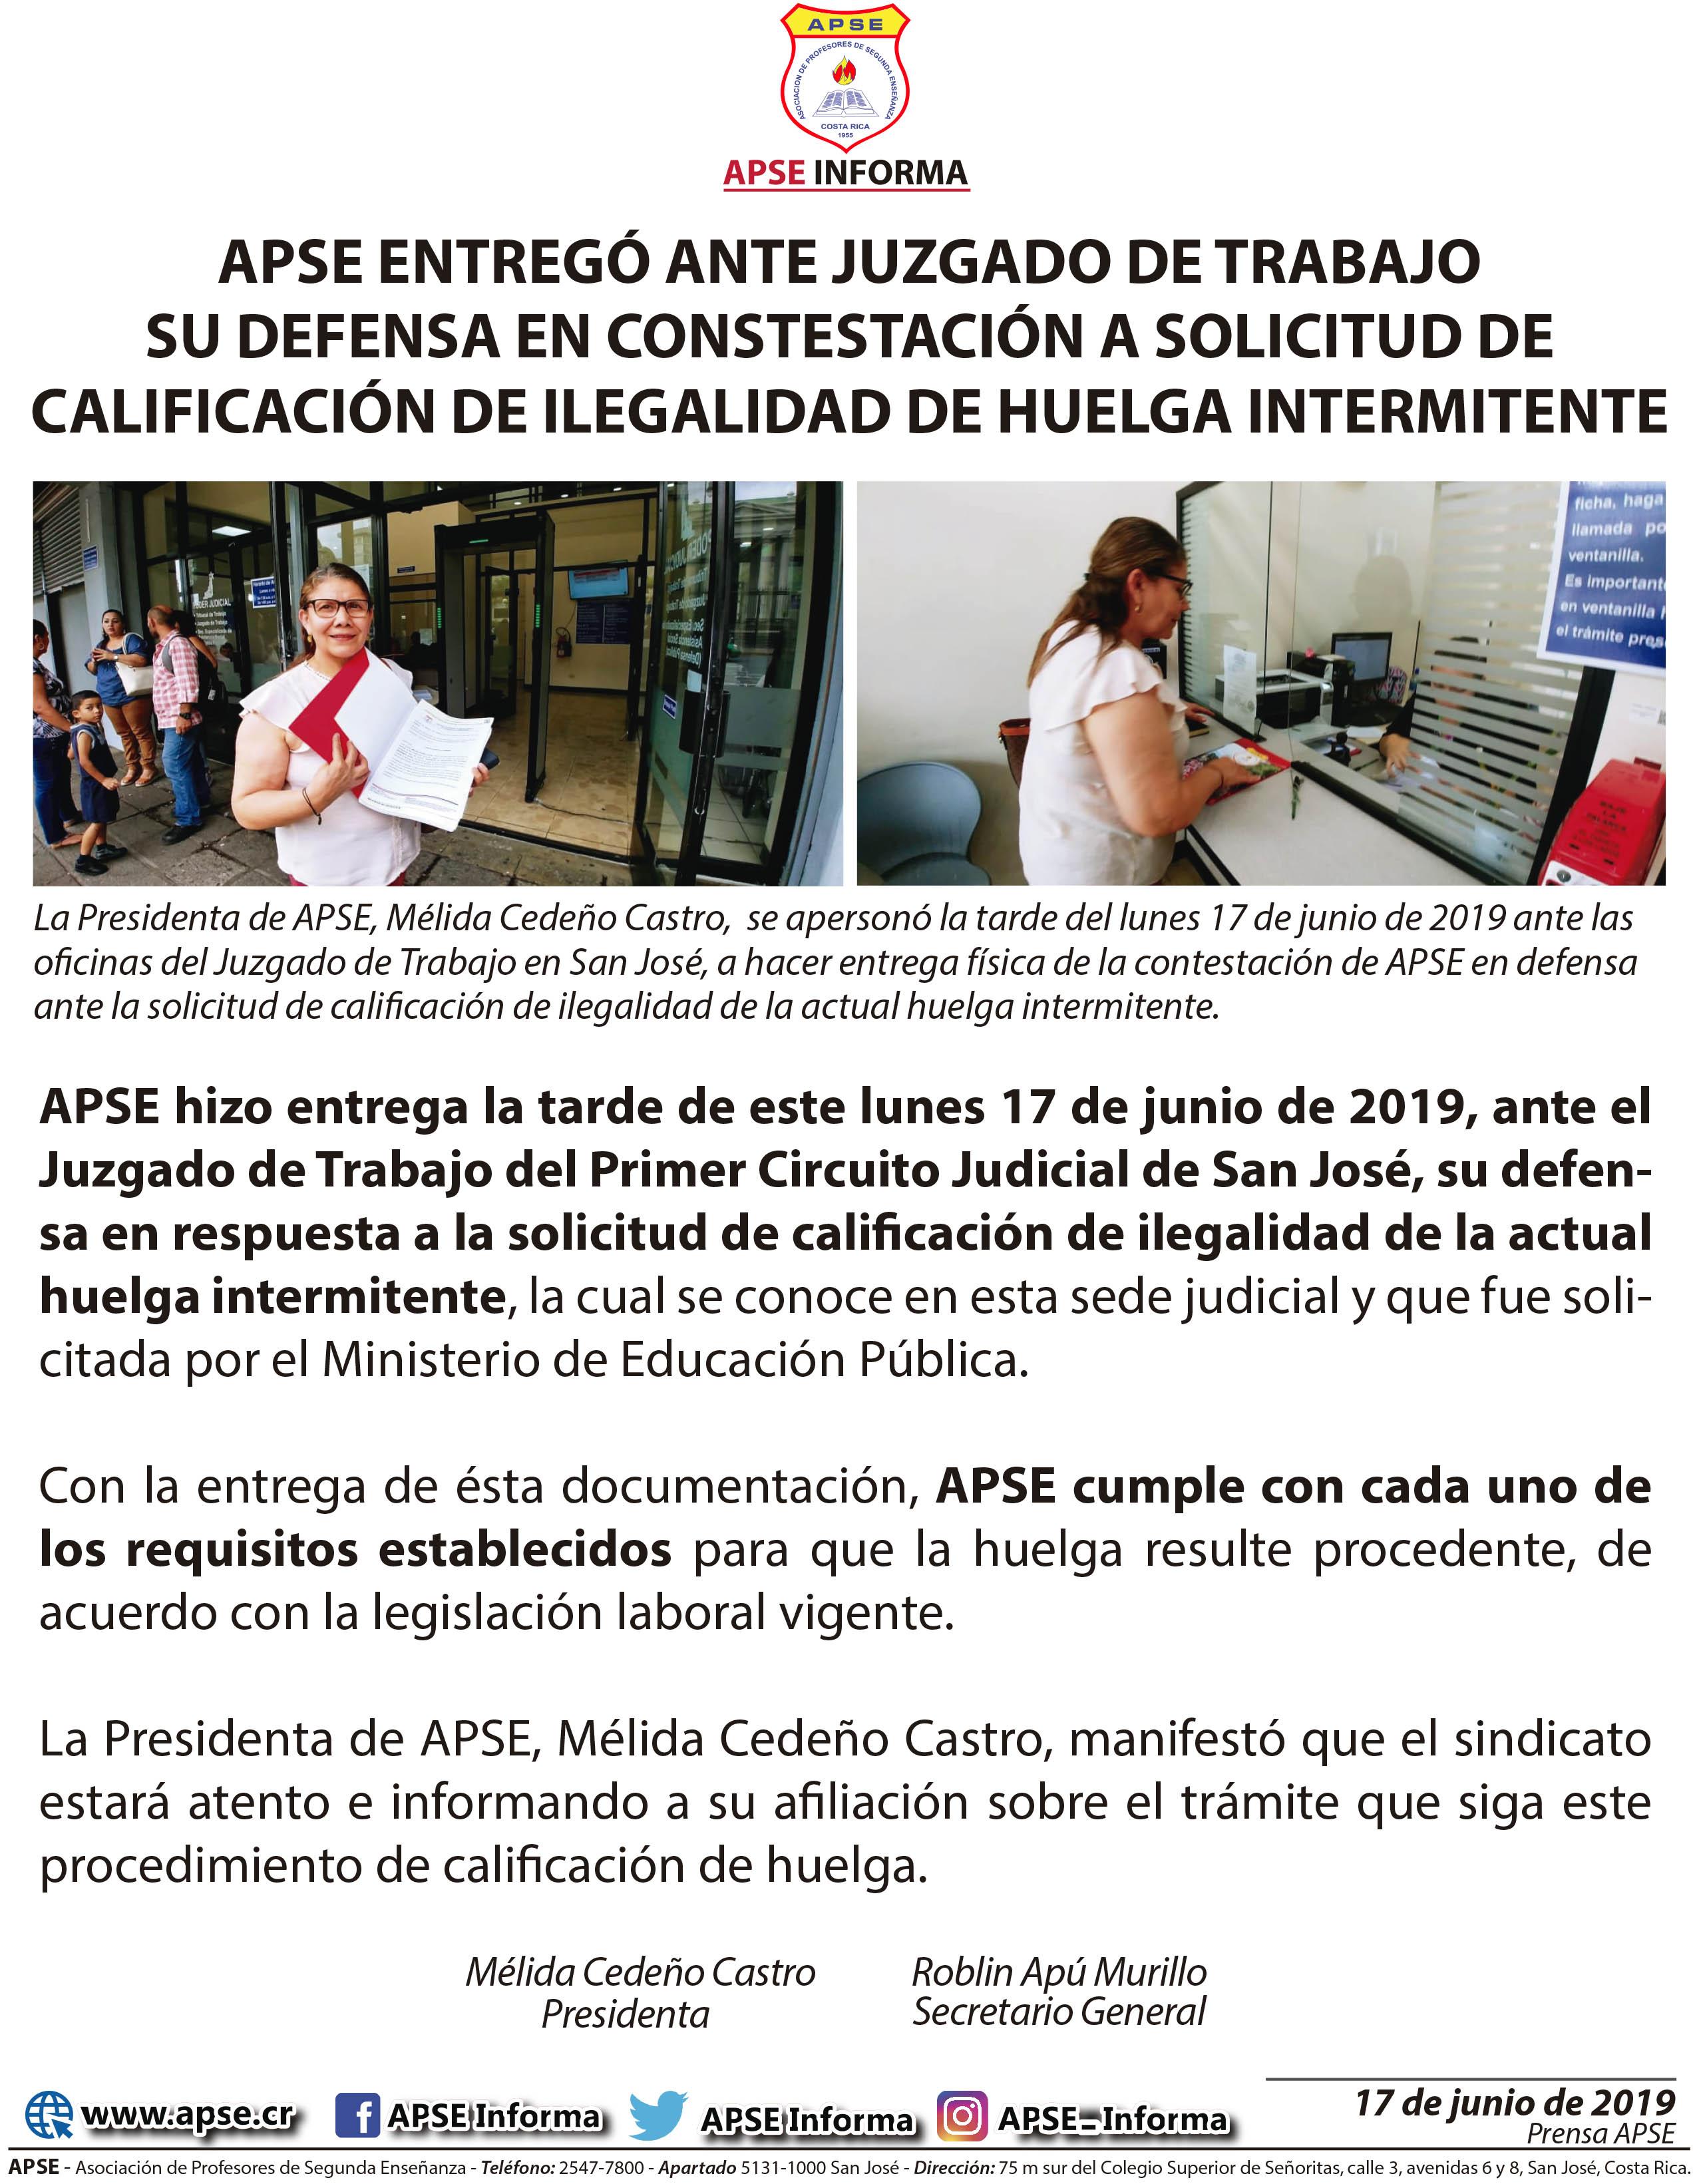 APSE ENTREGÓ ANTE JUZGADO DE TRABAJO SU DEFENSA EN CONSTESTACIÓN A SOLICITUD DE CALIFICACIÓN DE ILEGALIDAD DE HUELGA INTERMITENTE